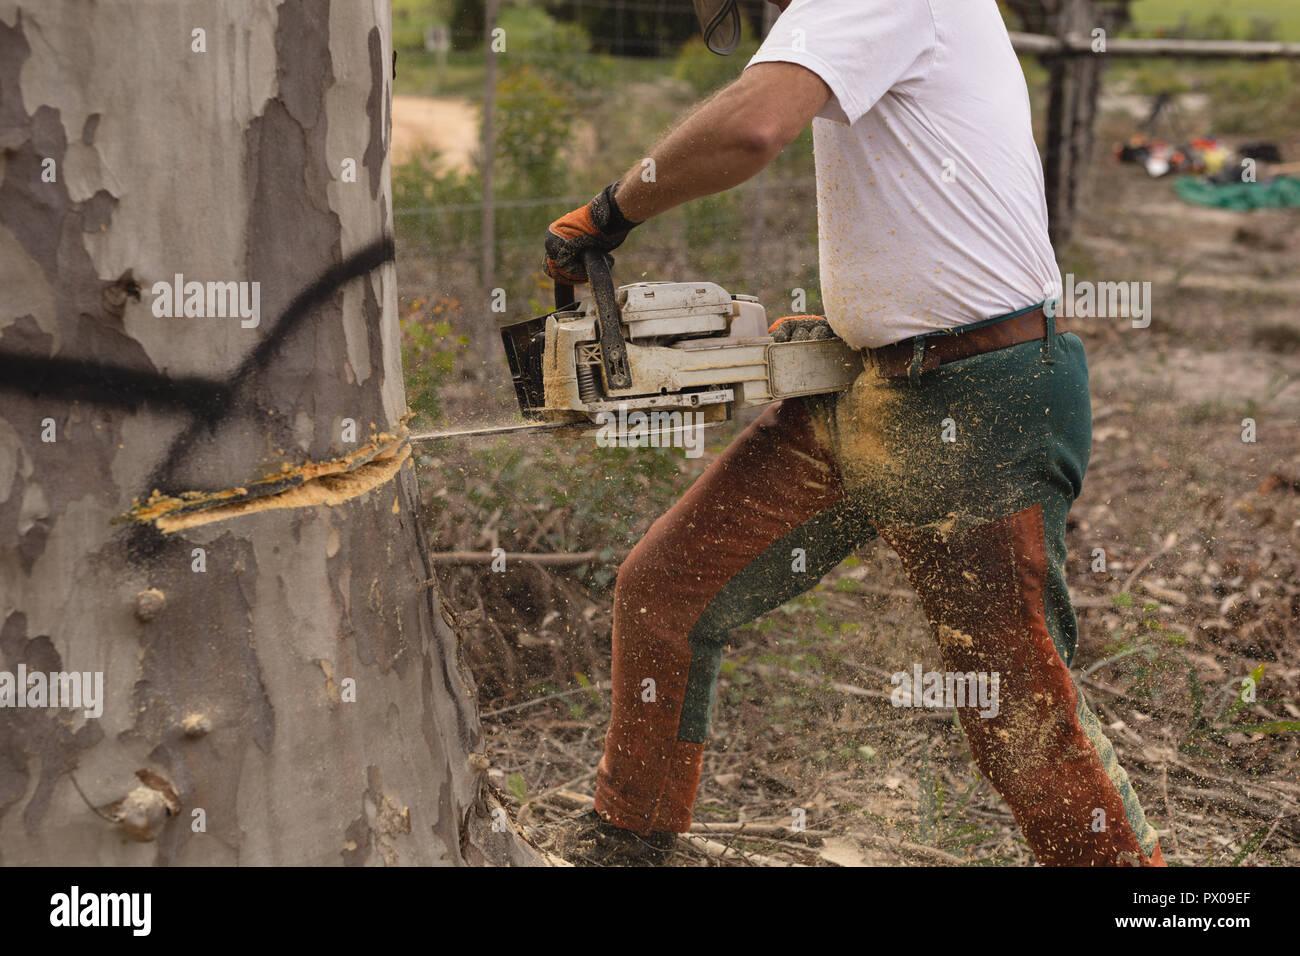 Bûcheron couper arbre dans la forêt Banque D'Images